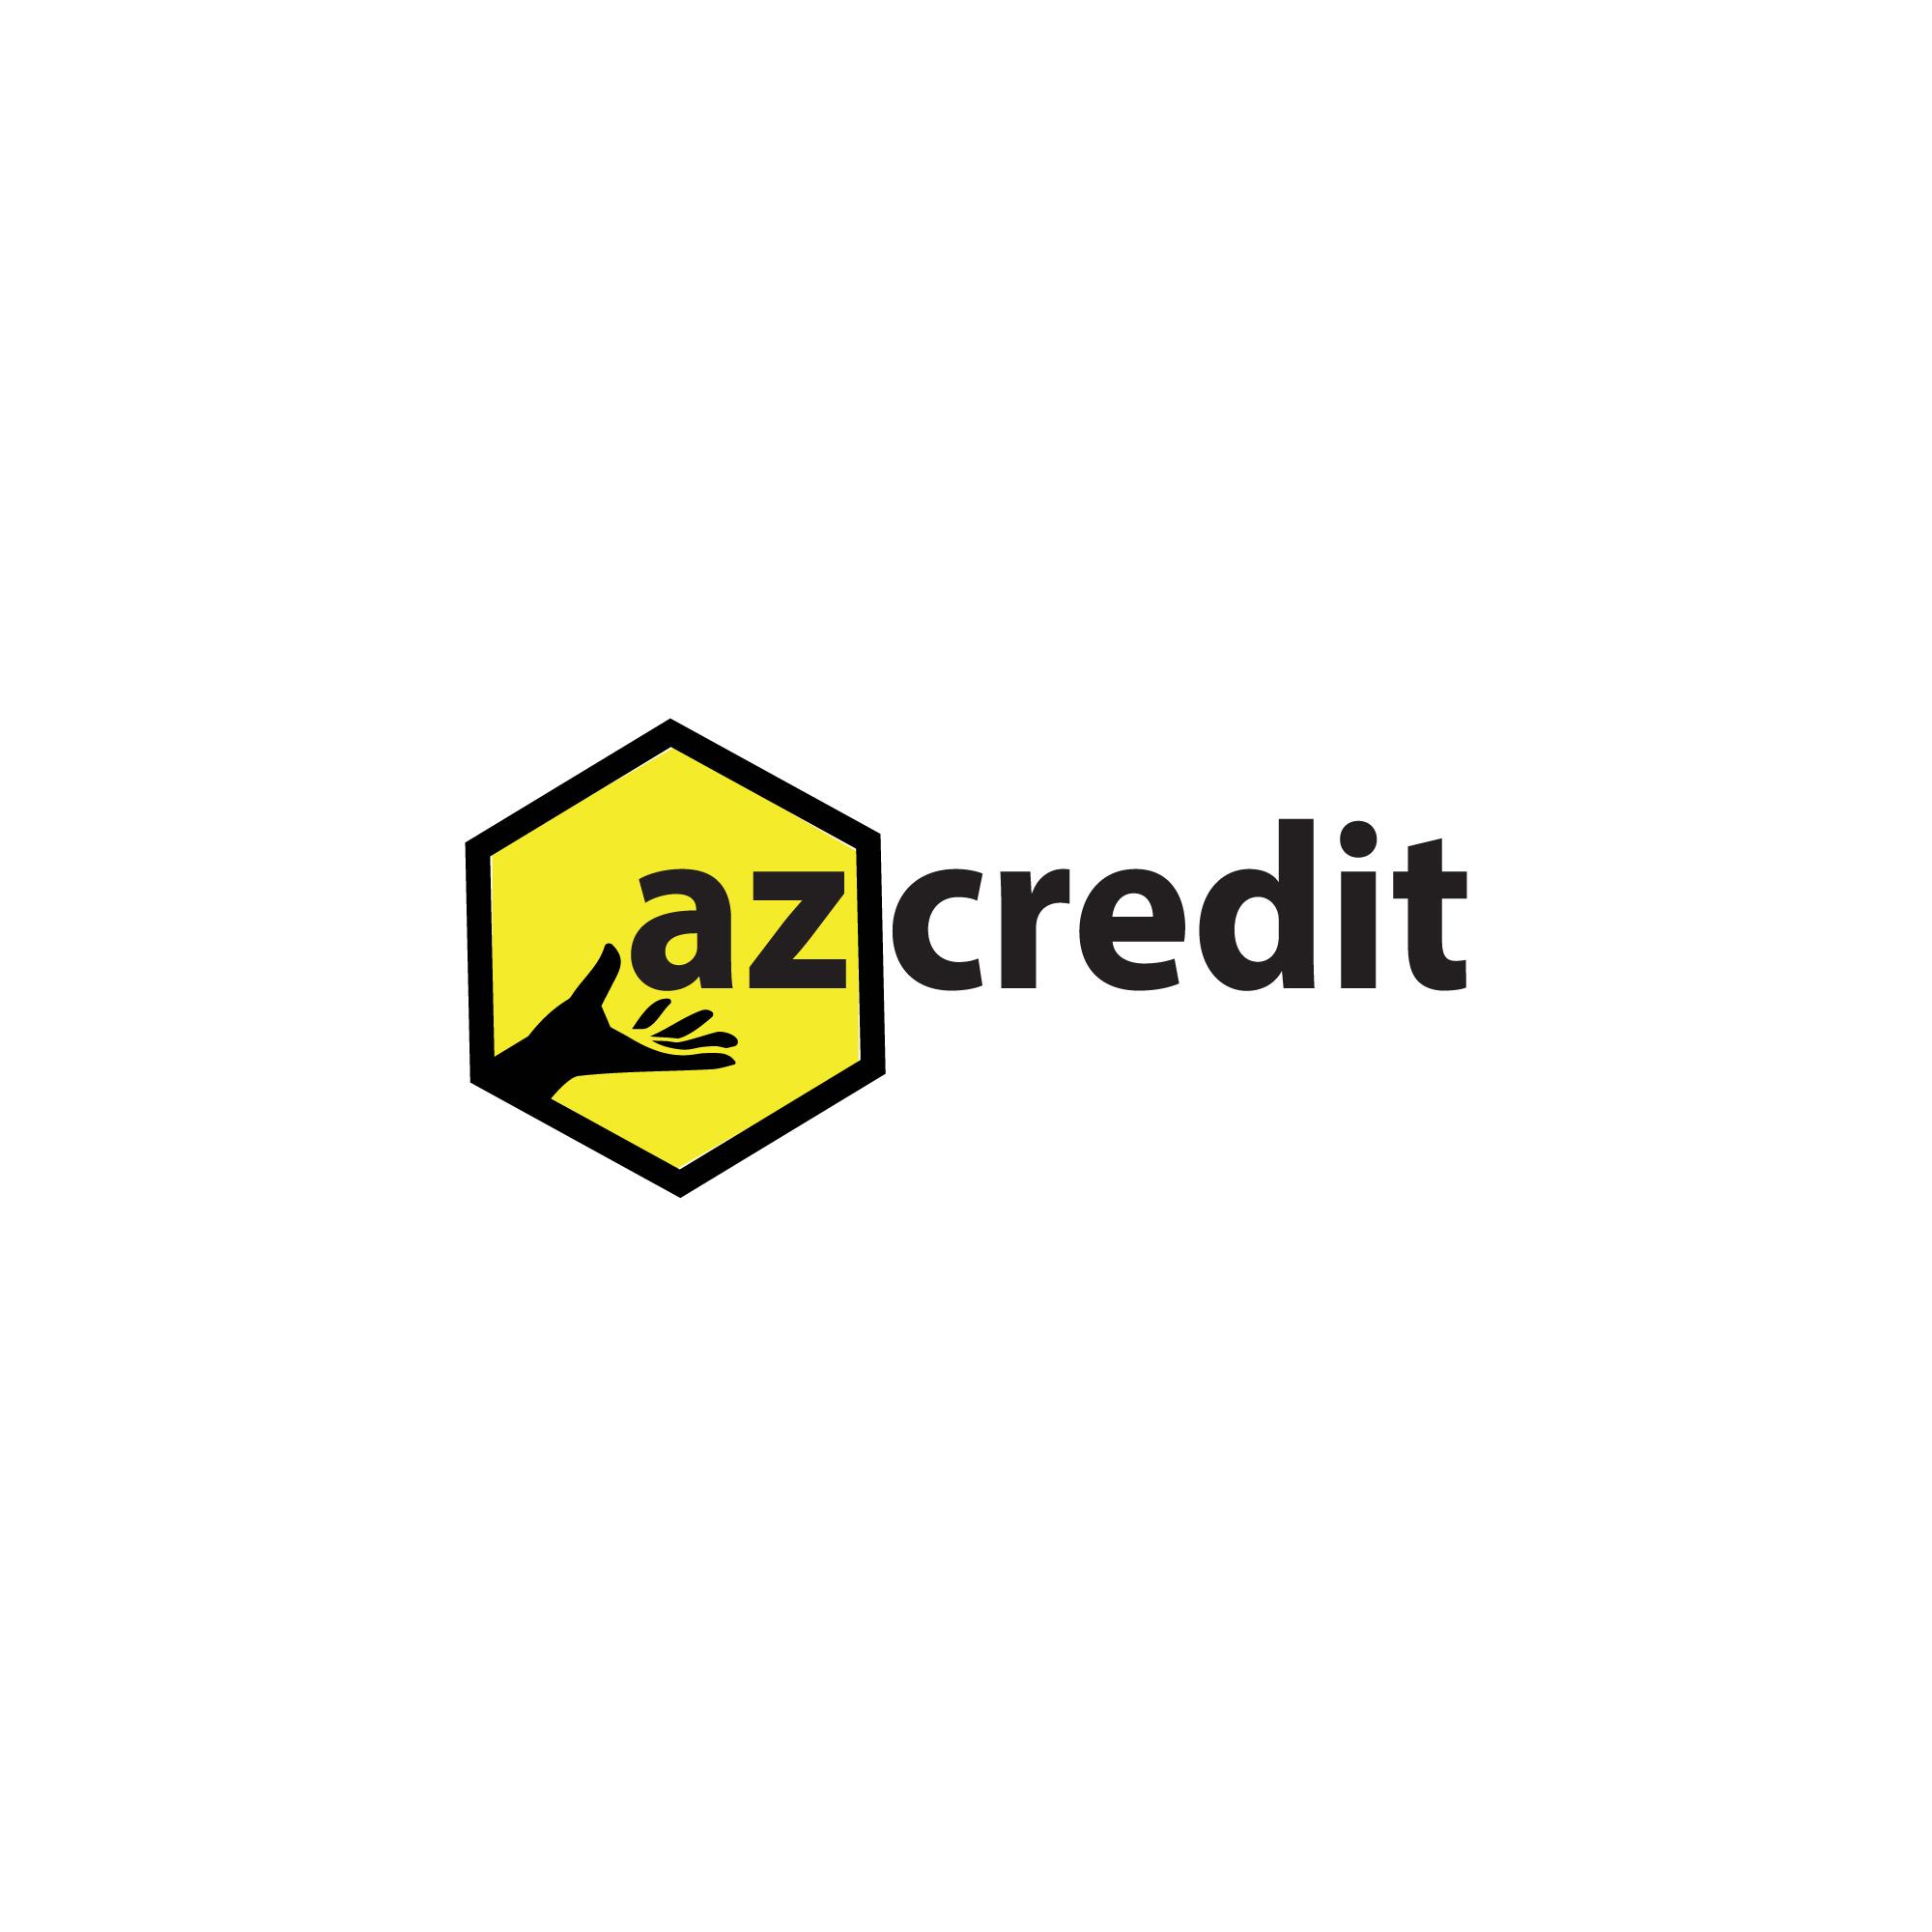 Разработать логотип для финансовой компании фото f_8785de37f043a6d6.jpg